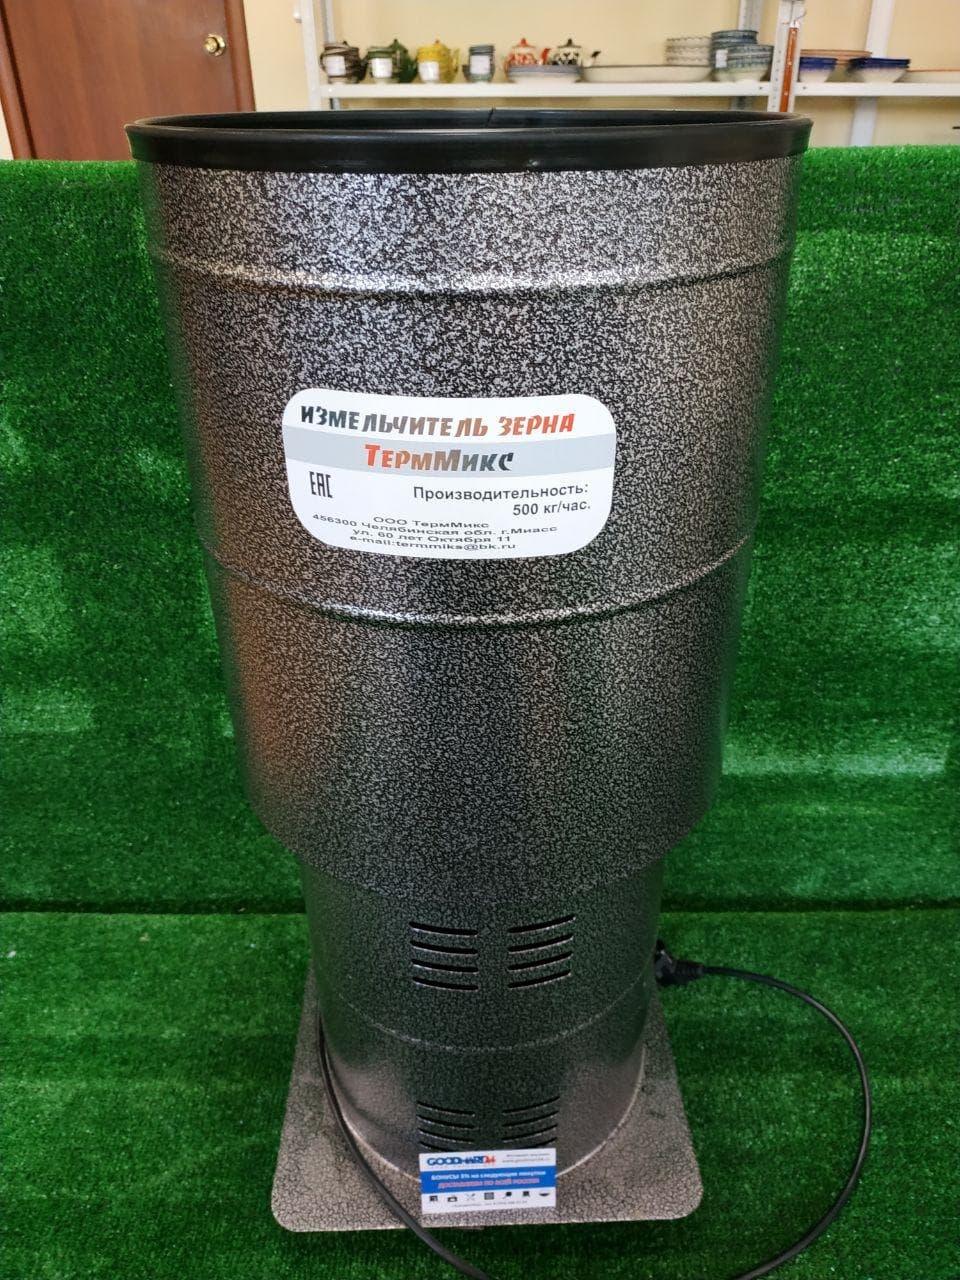 Зернодробилка с двумя засыпными отв. круглая,до 500кг/ч, 1300 Вт. ТермМикс - фото 8830